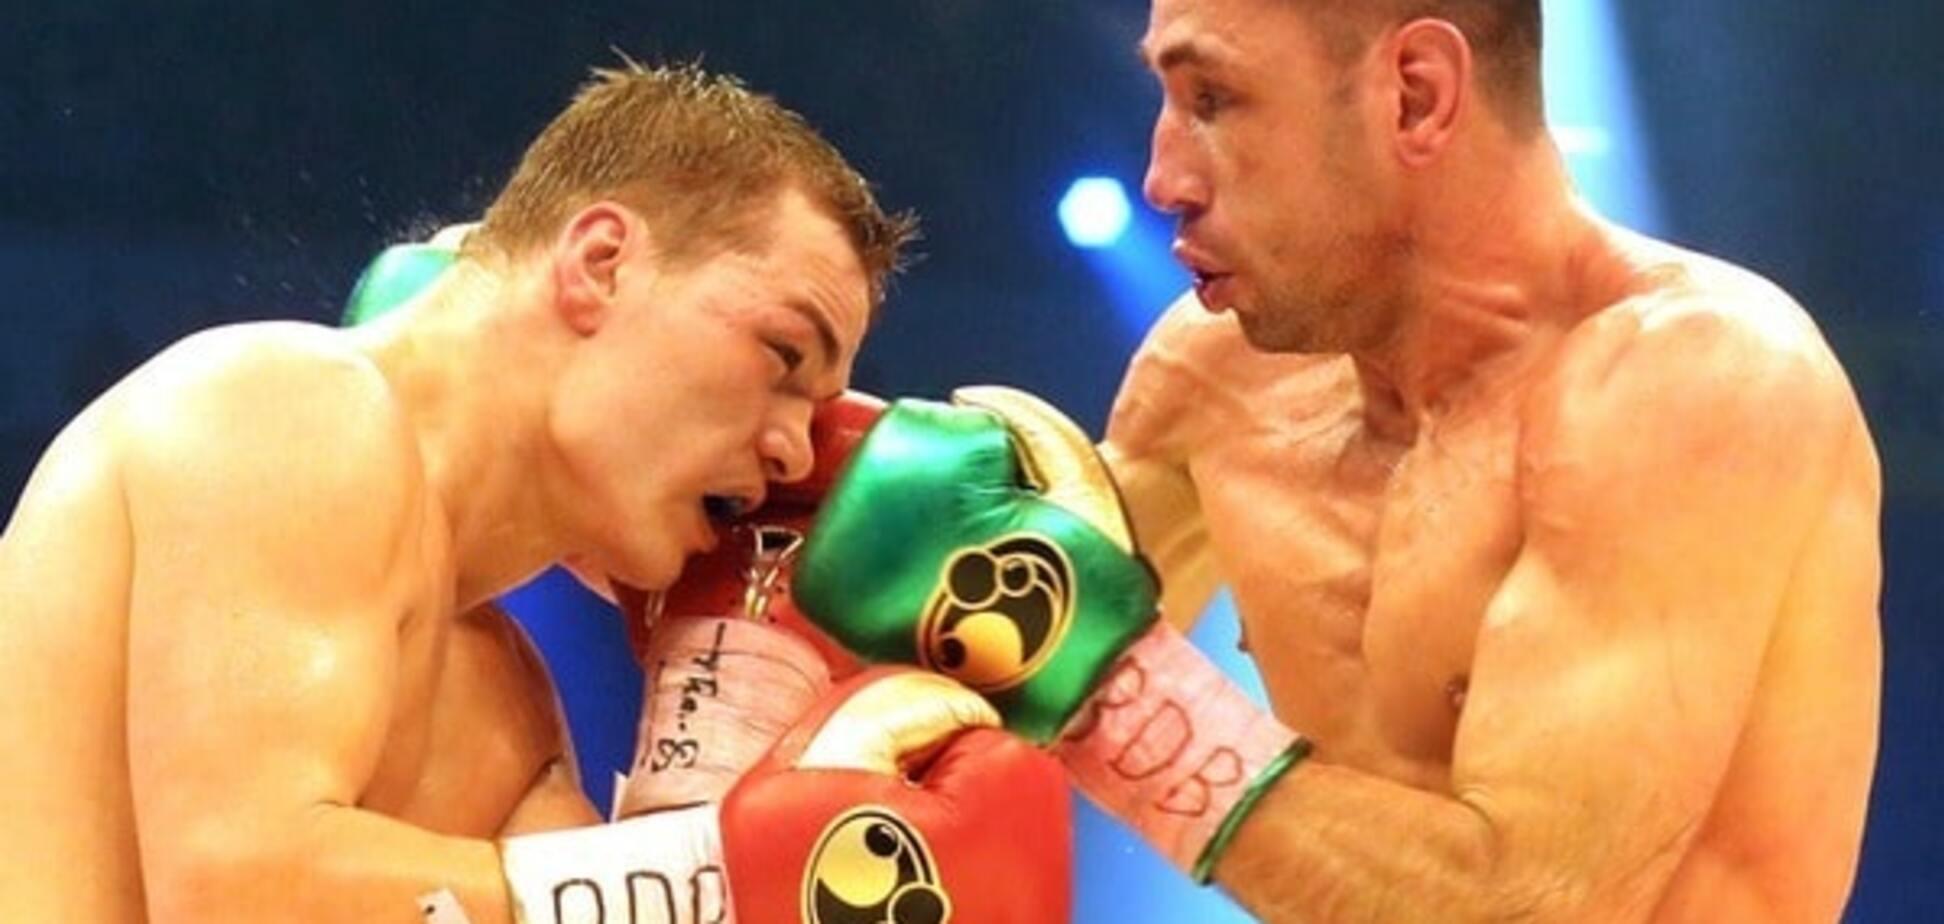 Відомого німецького боксера зловили на допінгу після перемоги над росіянином